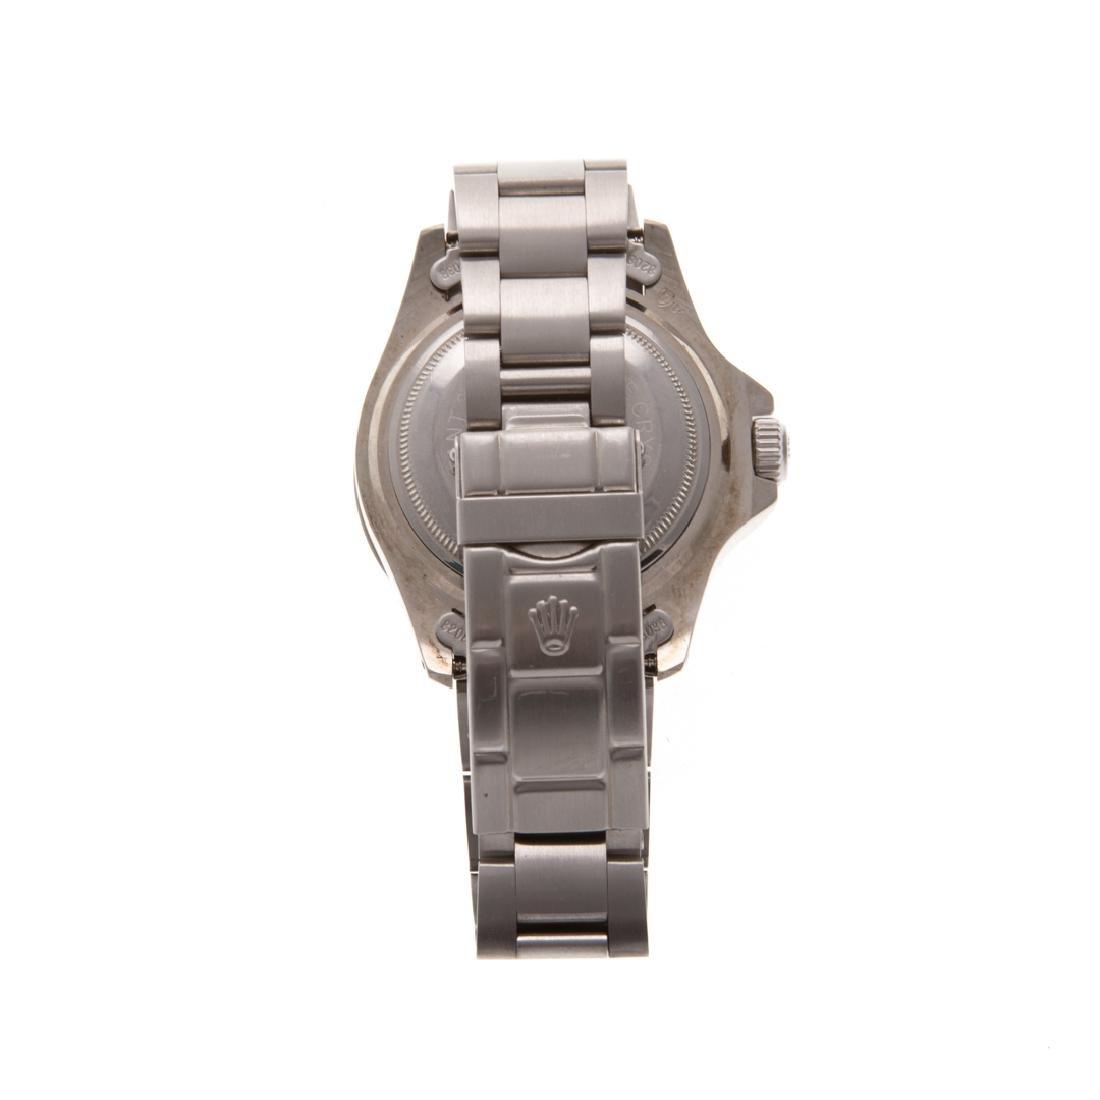 A Gent's Rolex Inspired Submariner Watch - 3